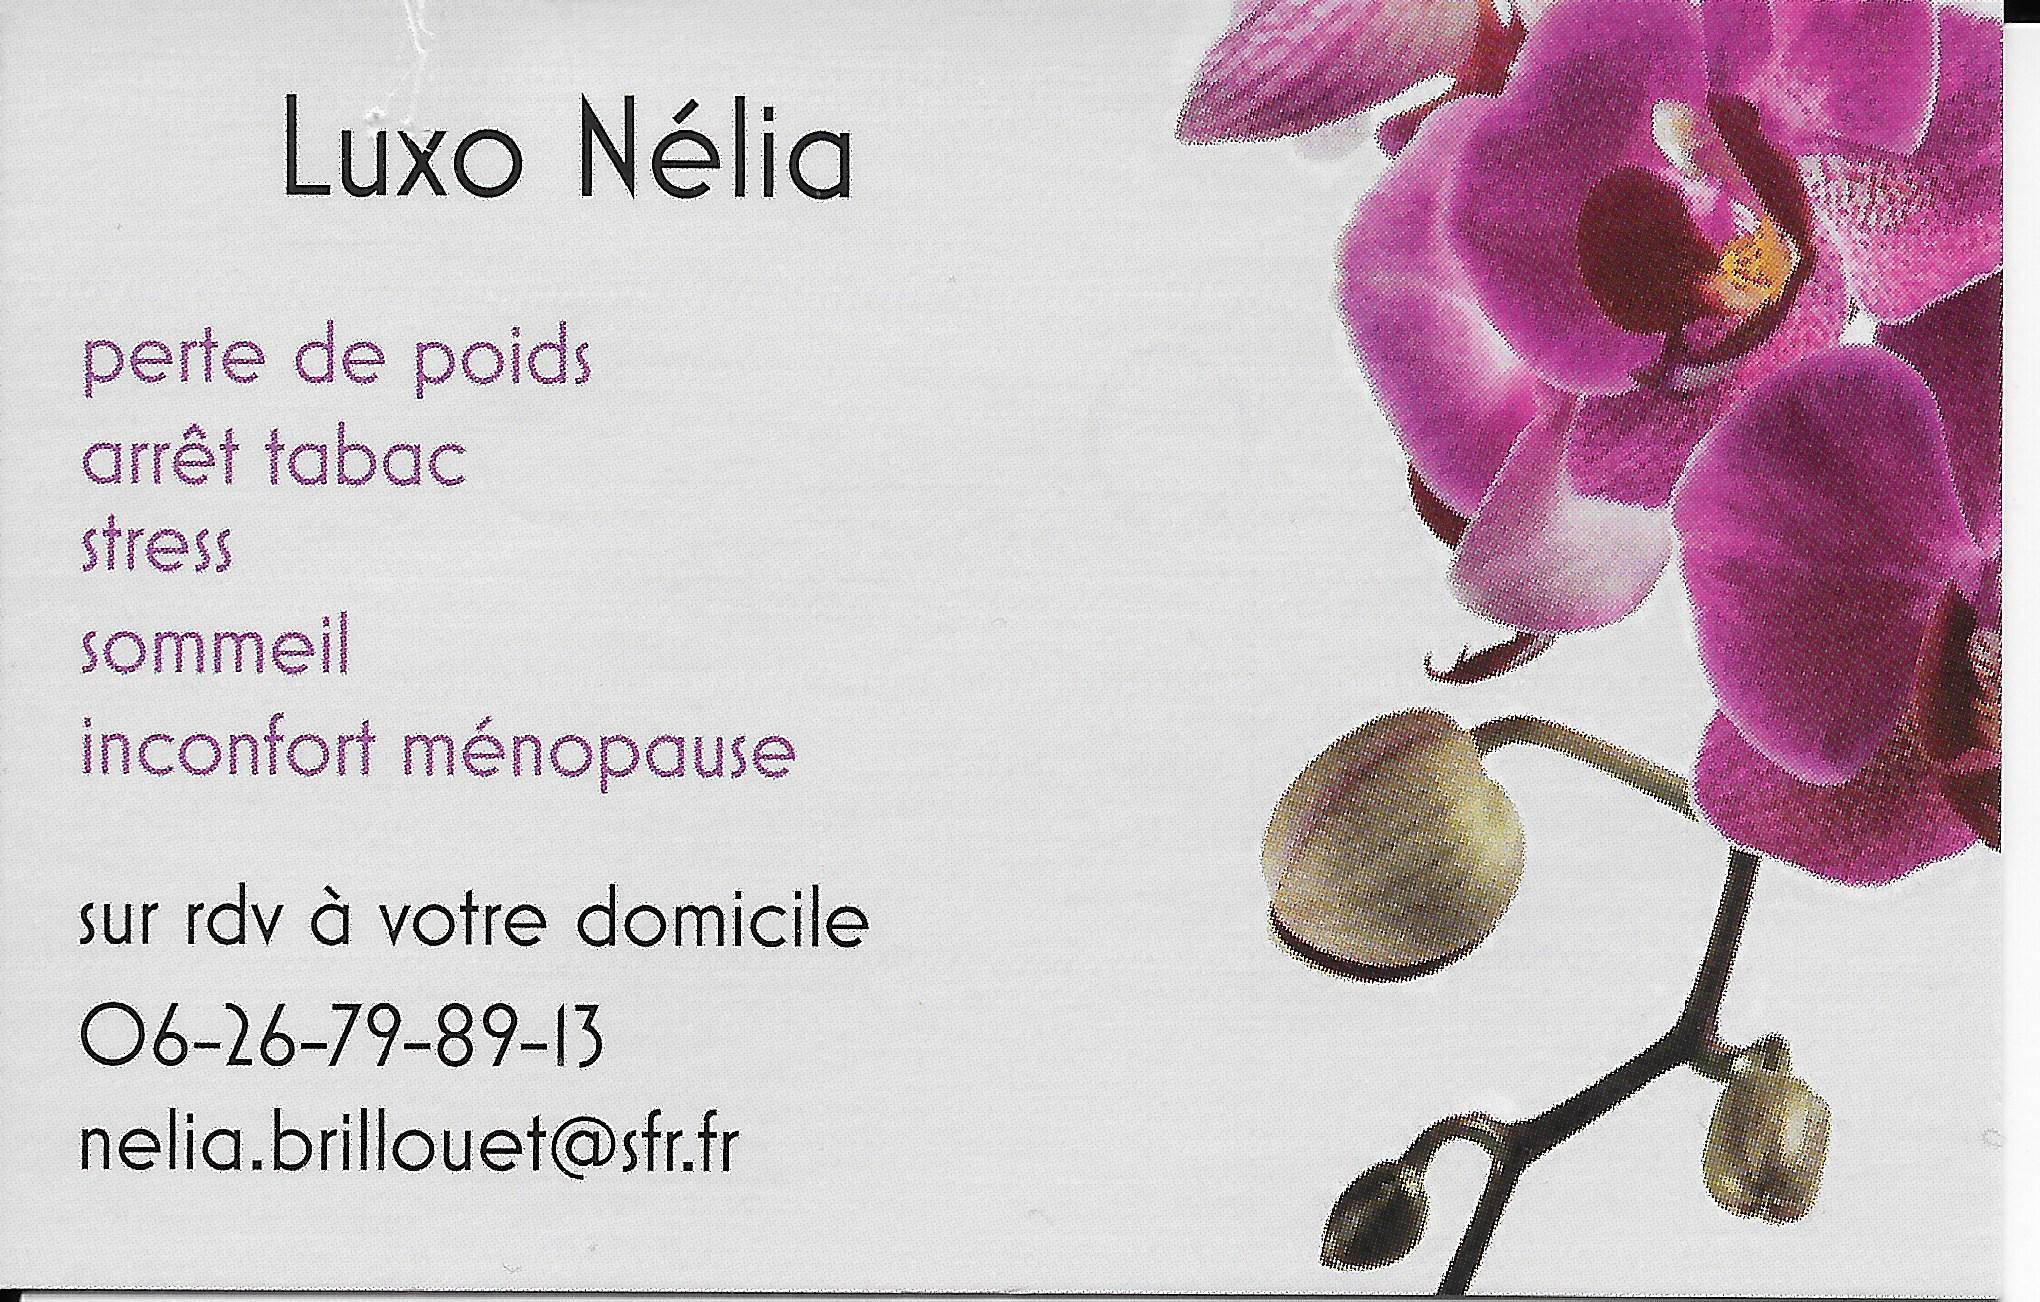 Luxo Nélia